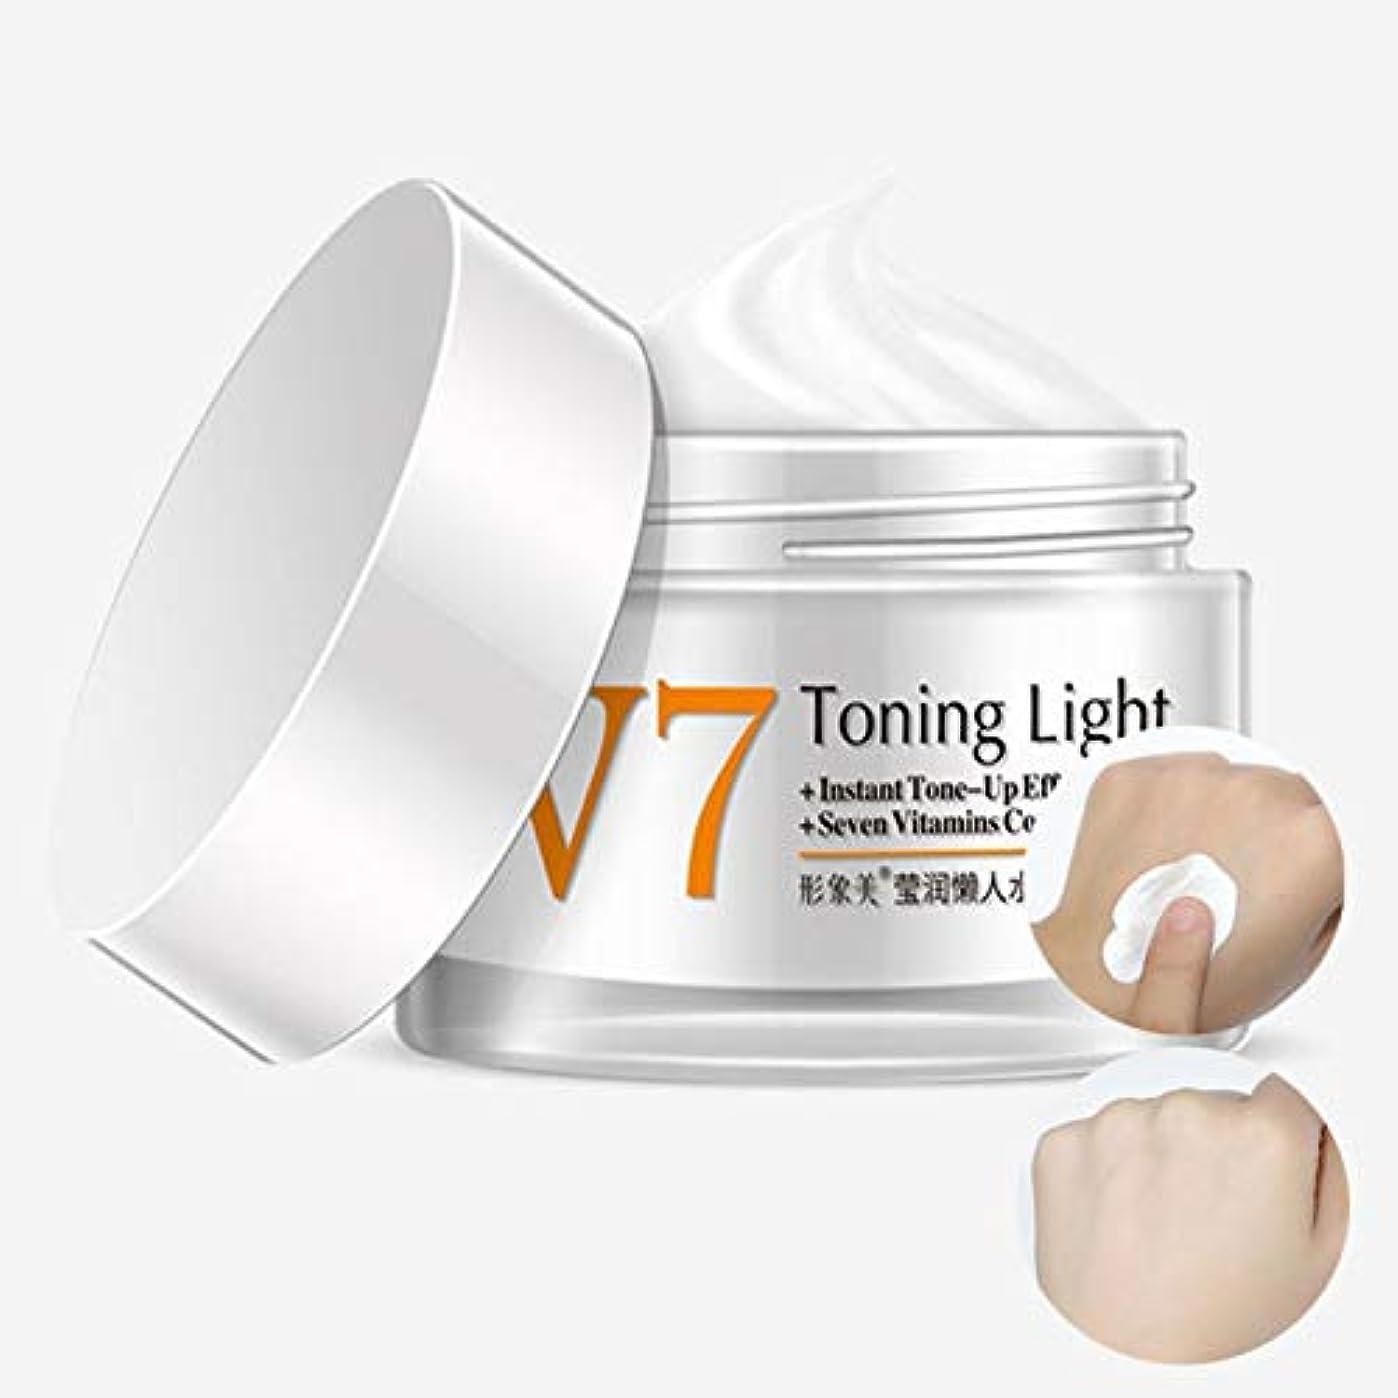 会社ラッシュ延期する寧デイクリーム保湿洗顔Clsing保湿栄養フェイシャルケア2017コー化粧品50グラム